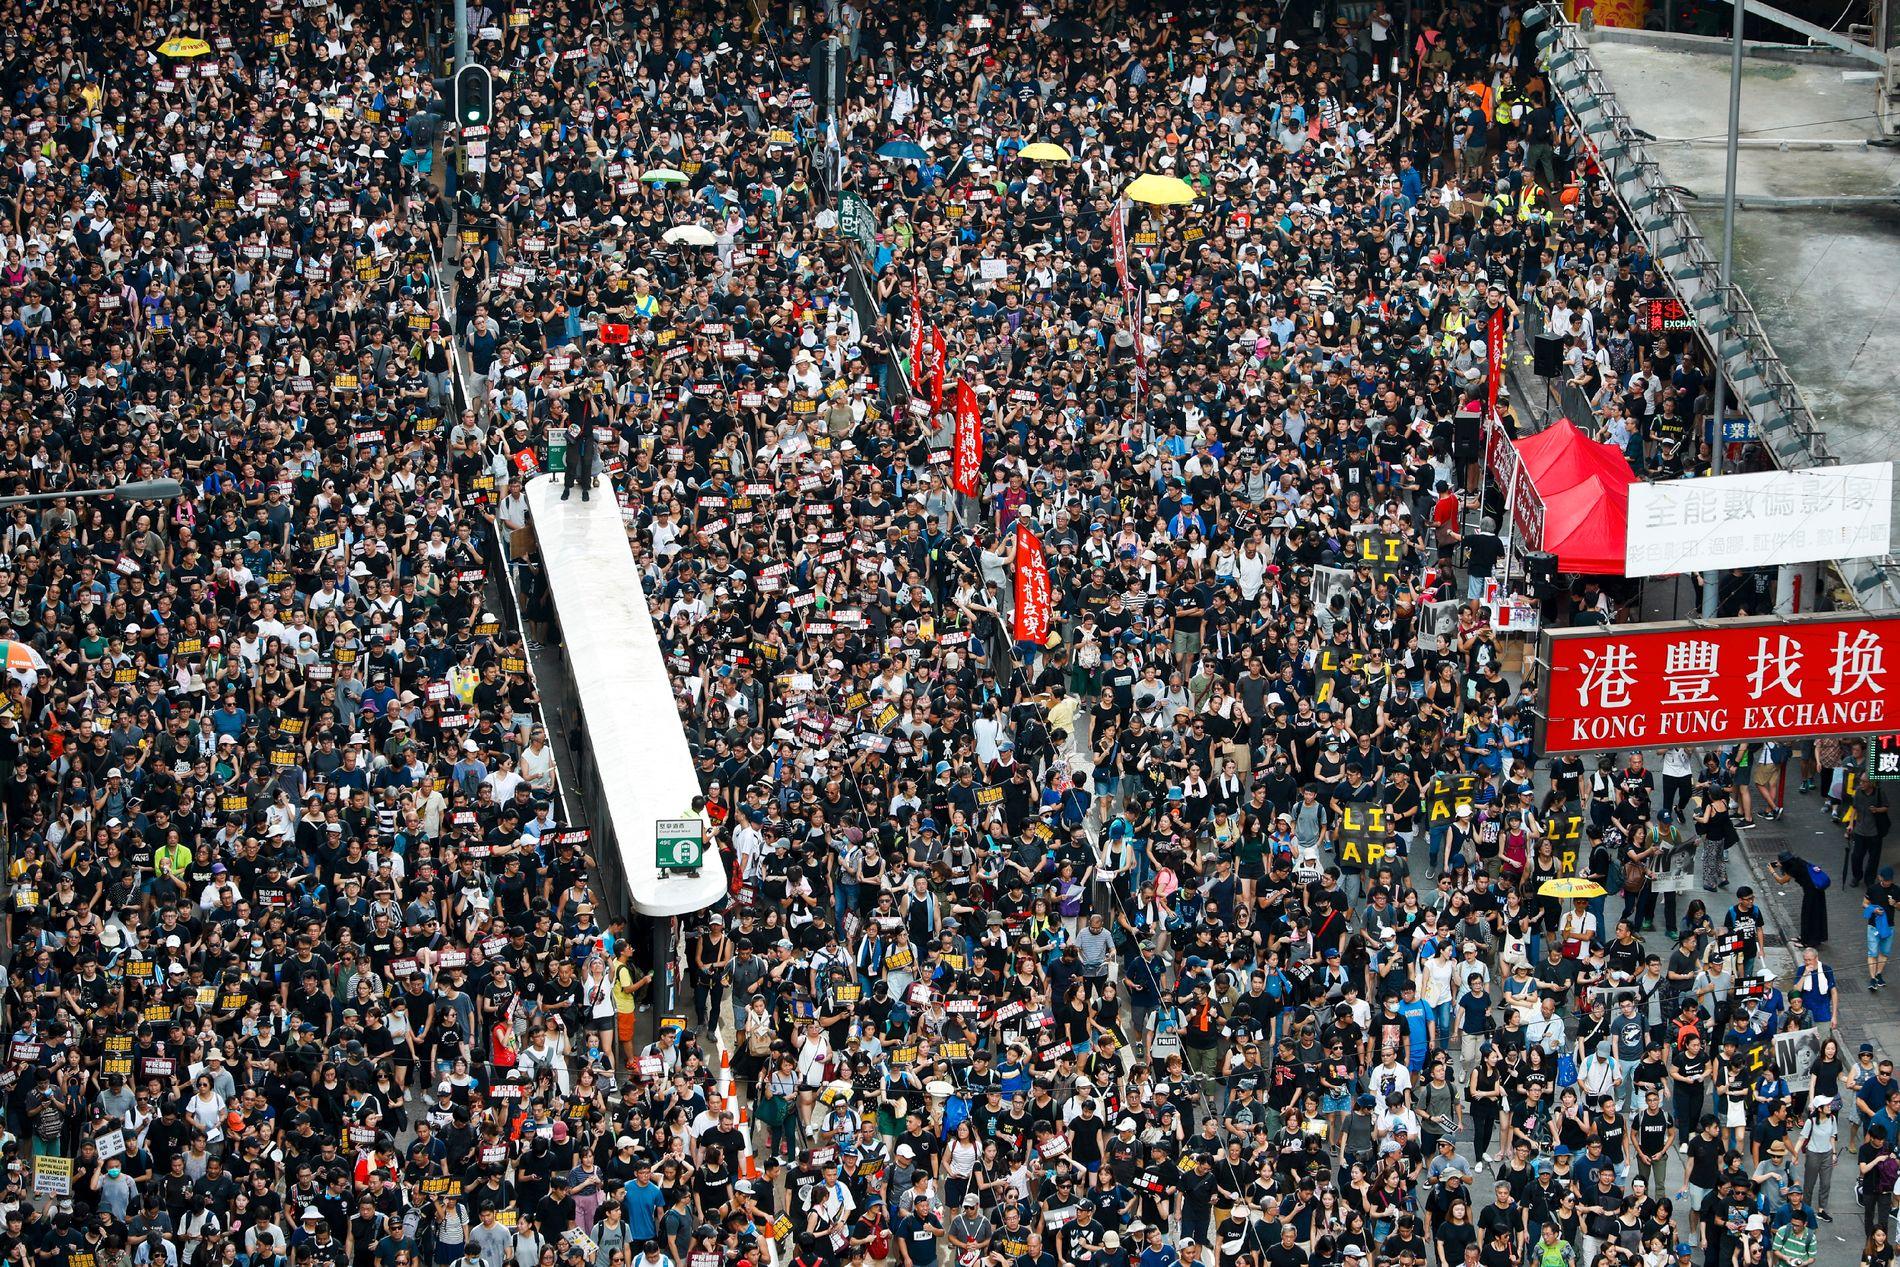 Tusenvis av demonstranter i Hongkong krever en uavhengig granskning av politiets taktikker. Senere brukte politiet tåregass mot demonstranter som ikke ville fjerne seg. Foto: Vincent Yu / AP / NTB scanpix